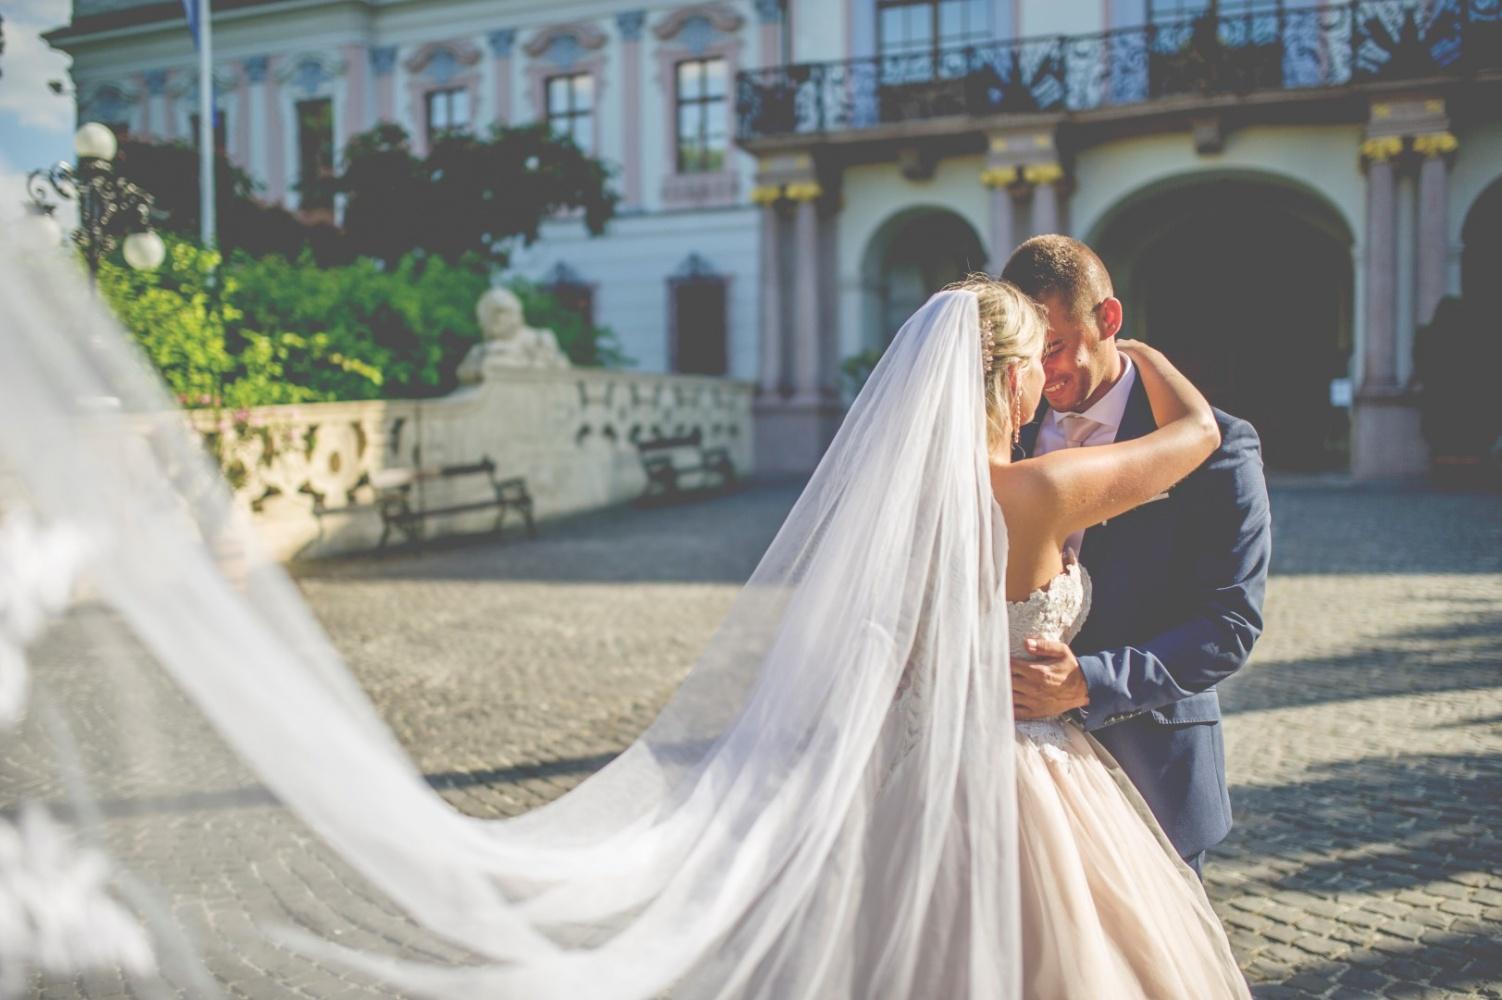 http://www.fotoz.sk/images/gallery-22/normal/eskuvoi-fotos_svadobny-fotograf_701.jpg